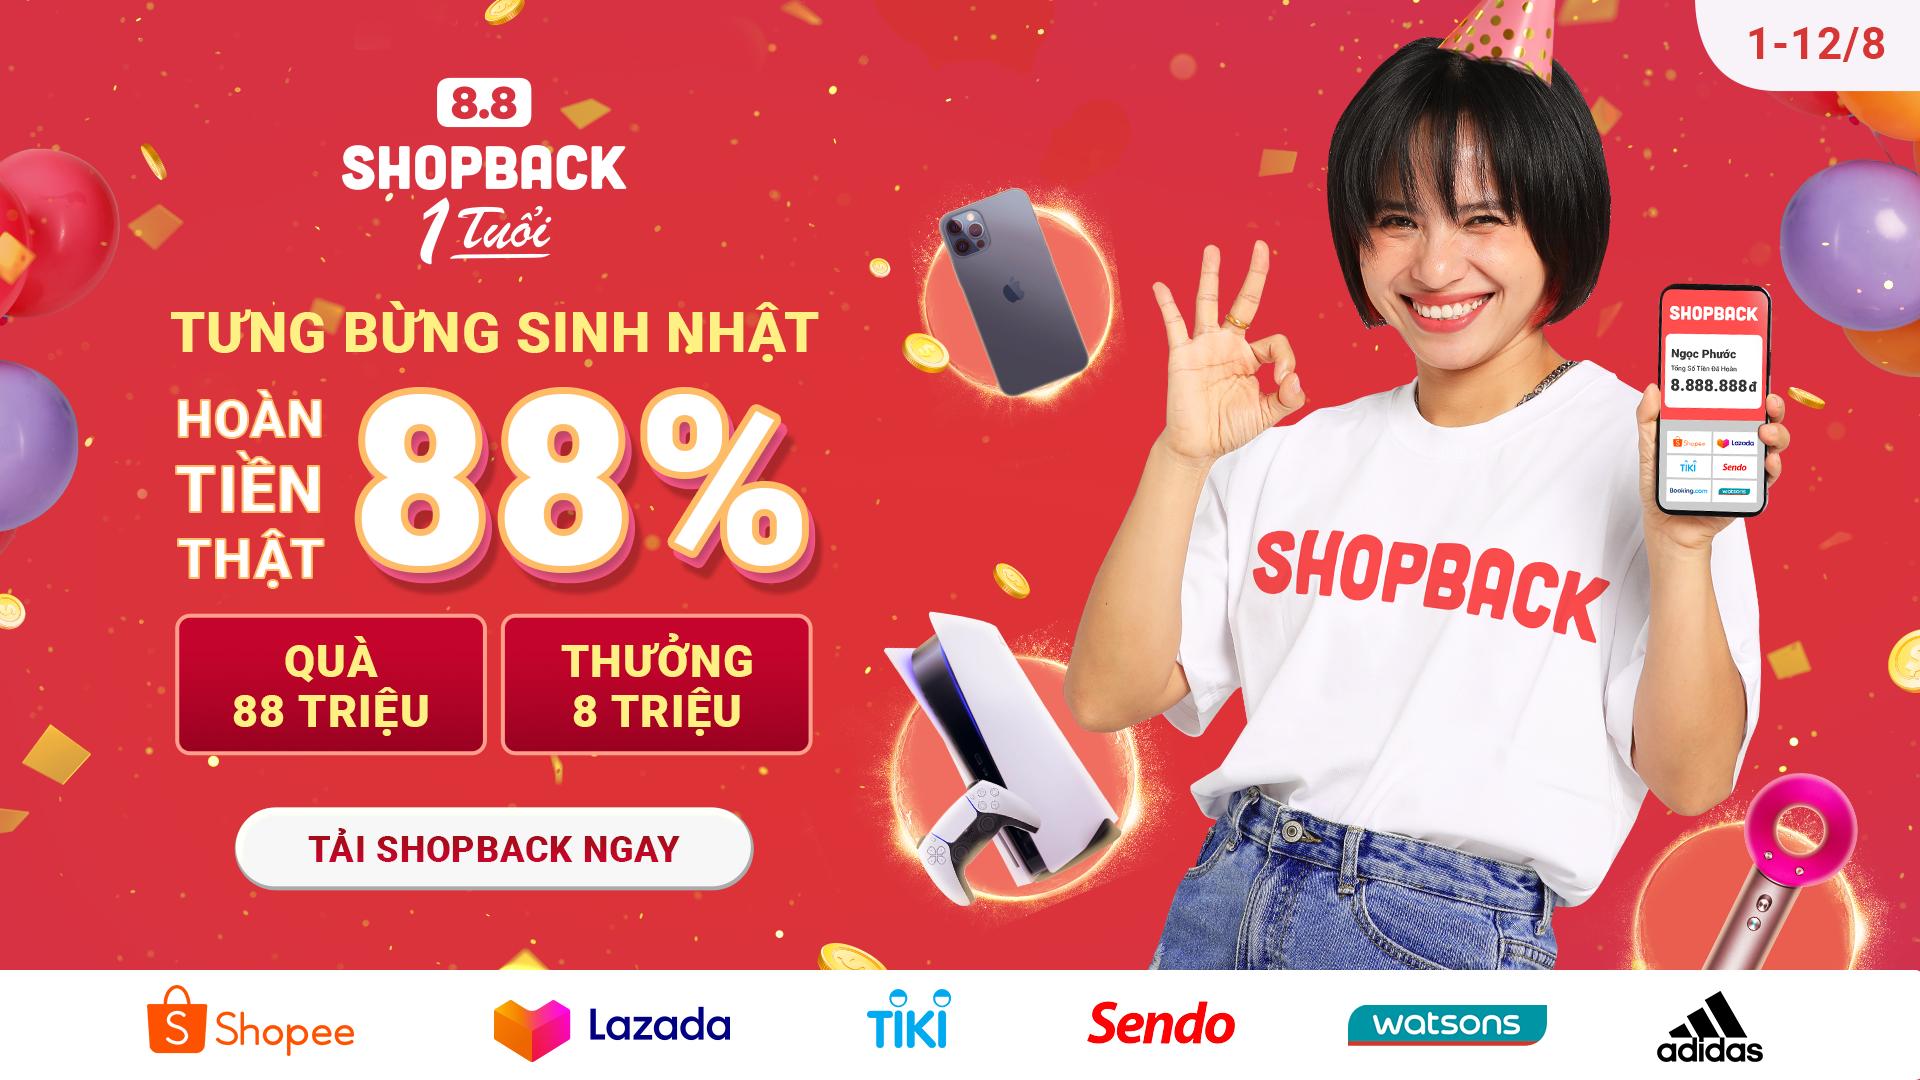 ShopBack kỷ niệm một năm có mặt tại Việt Nam